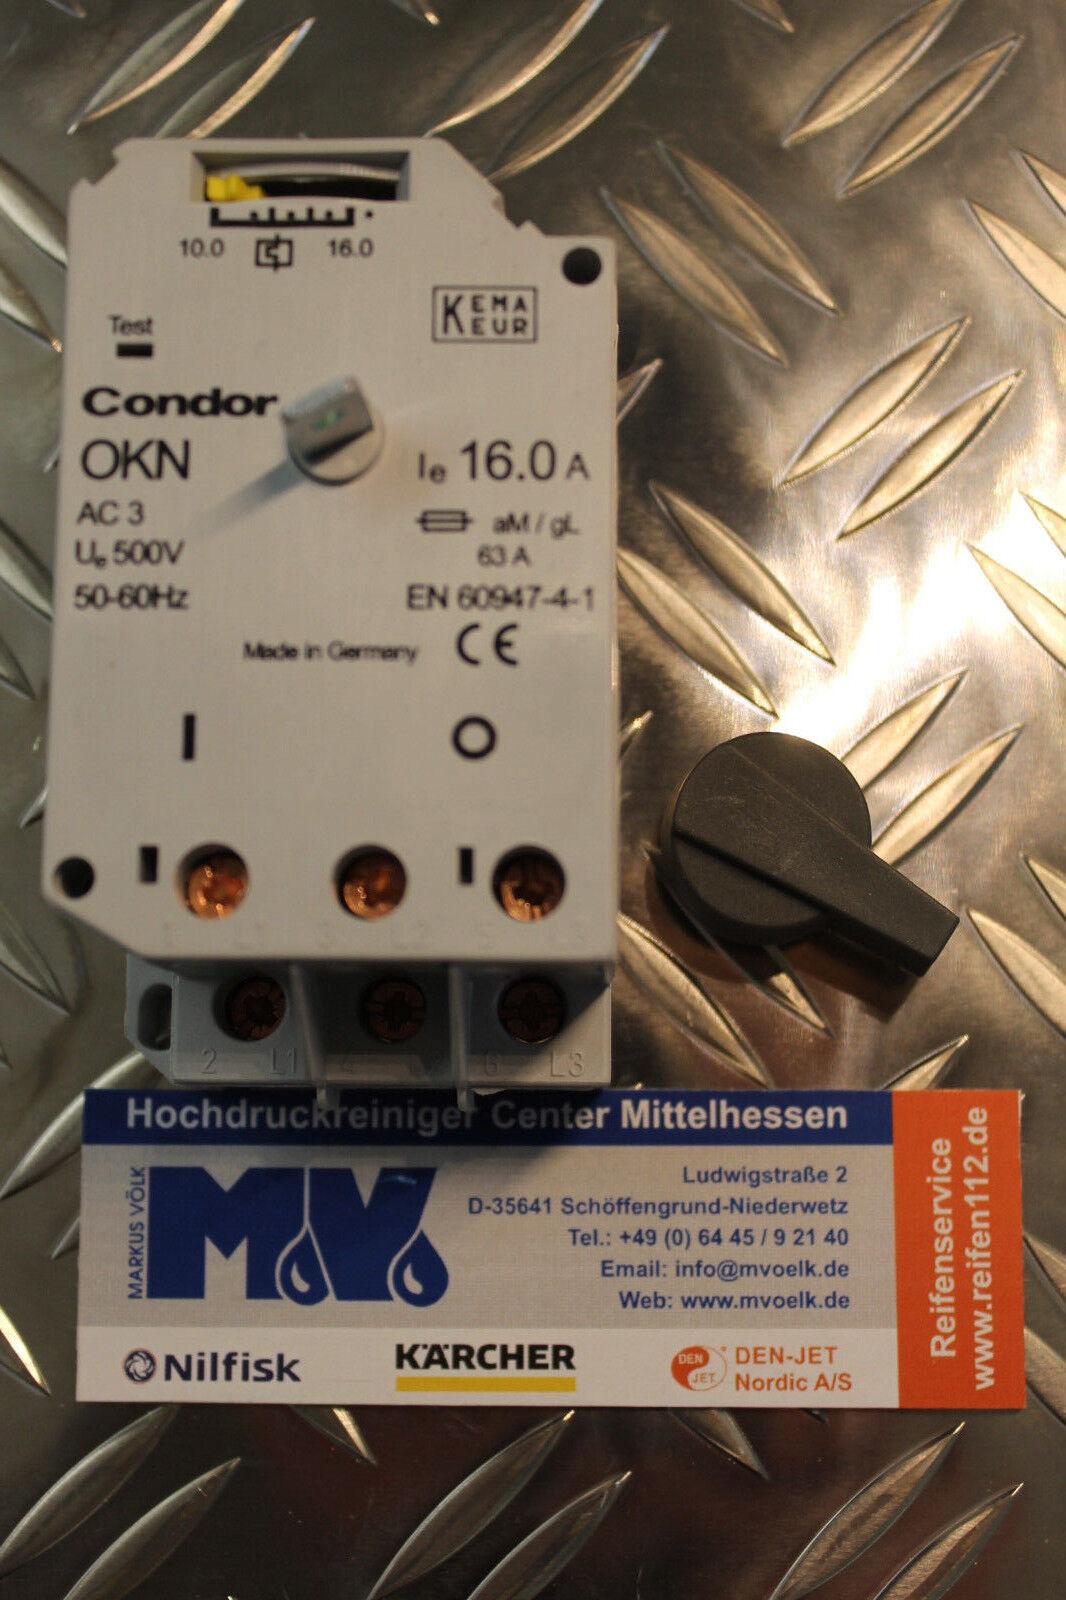 NEU Condor Motorschutzschalter OKN-160 AA 10-16 A für KÄRCHER + Frank